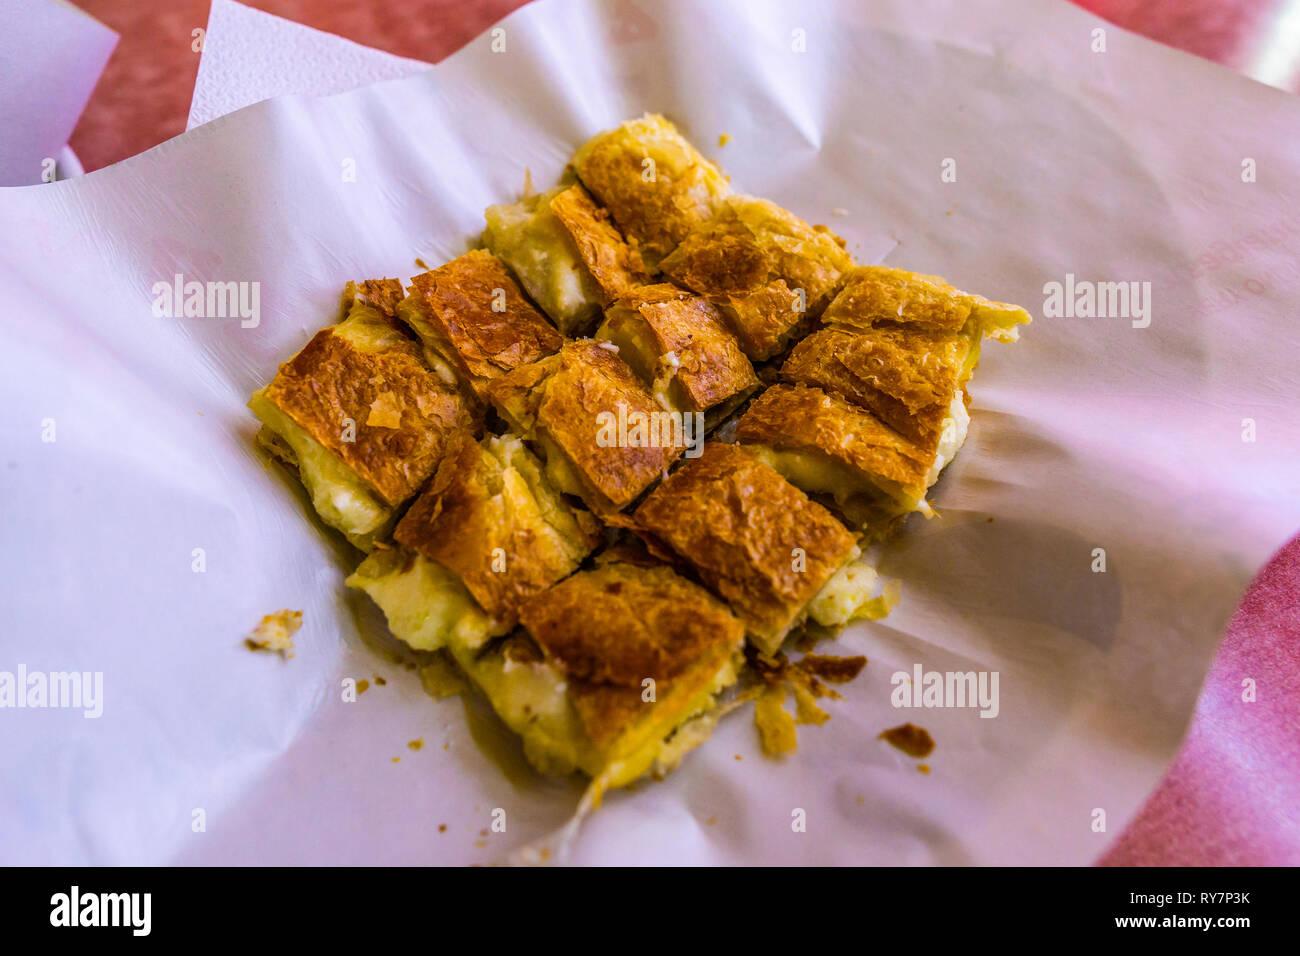 Greek Traditional Bougatsa Phyllo Tyropita Filled with Feta Cheese Stock Photo